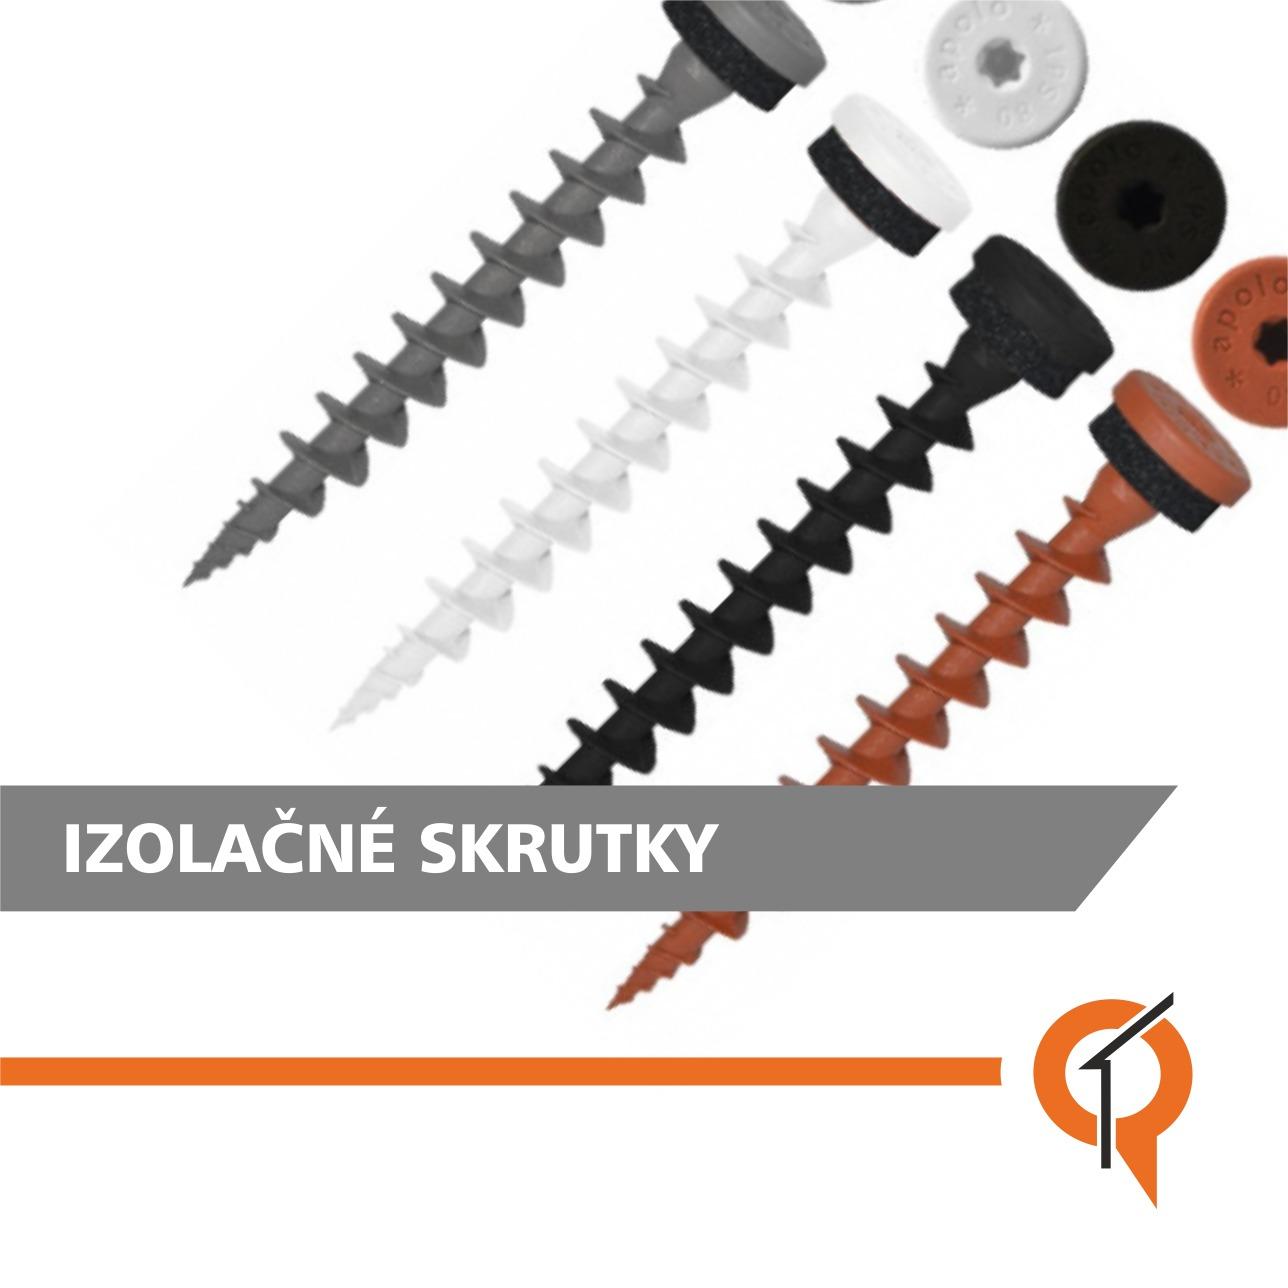 izolacne_skrutky_qtrend